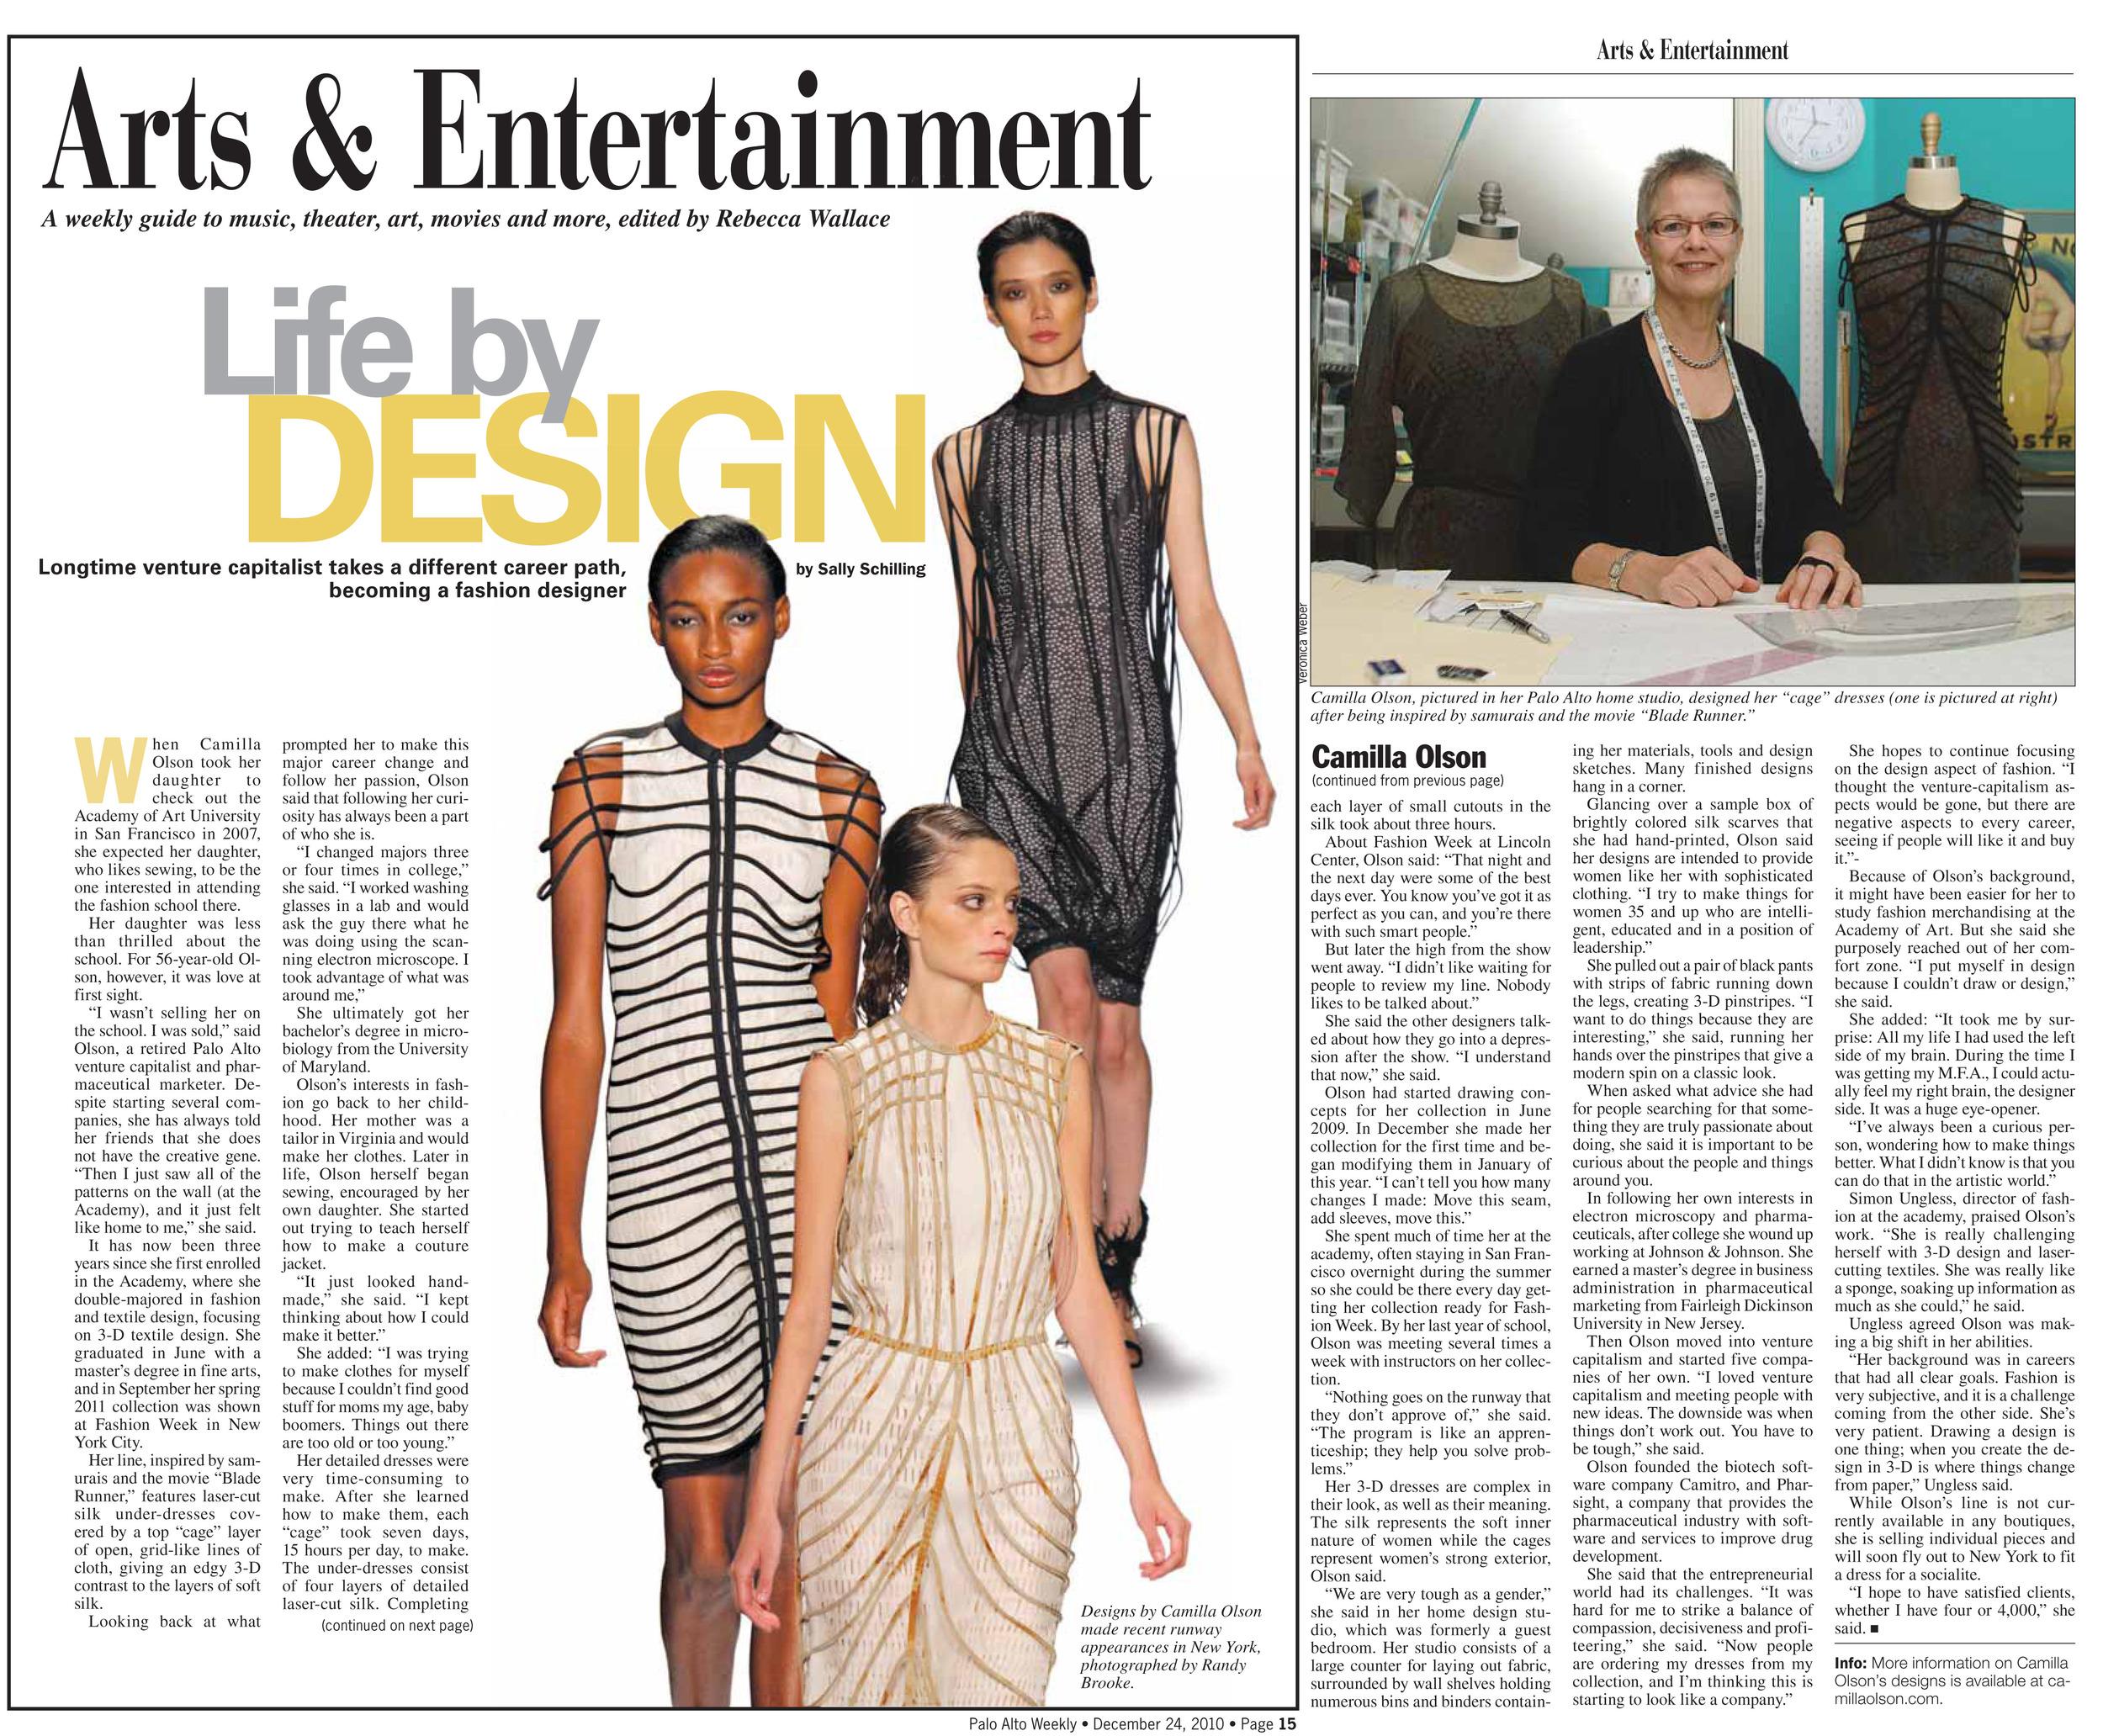 12-24-10 PA Weekly Camilla Olson.jpg